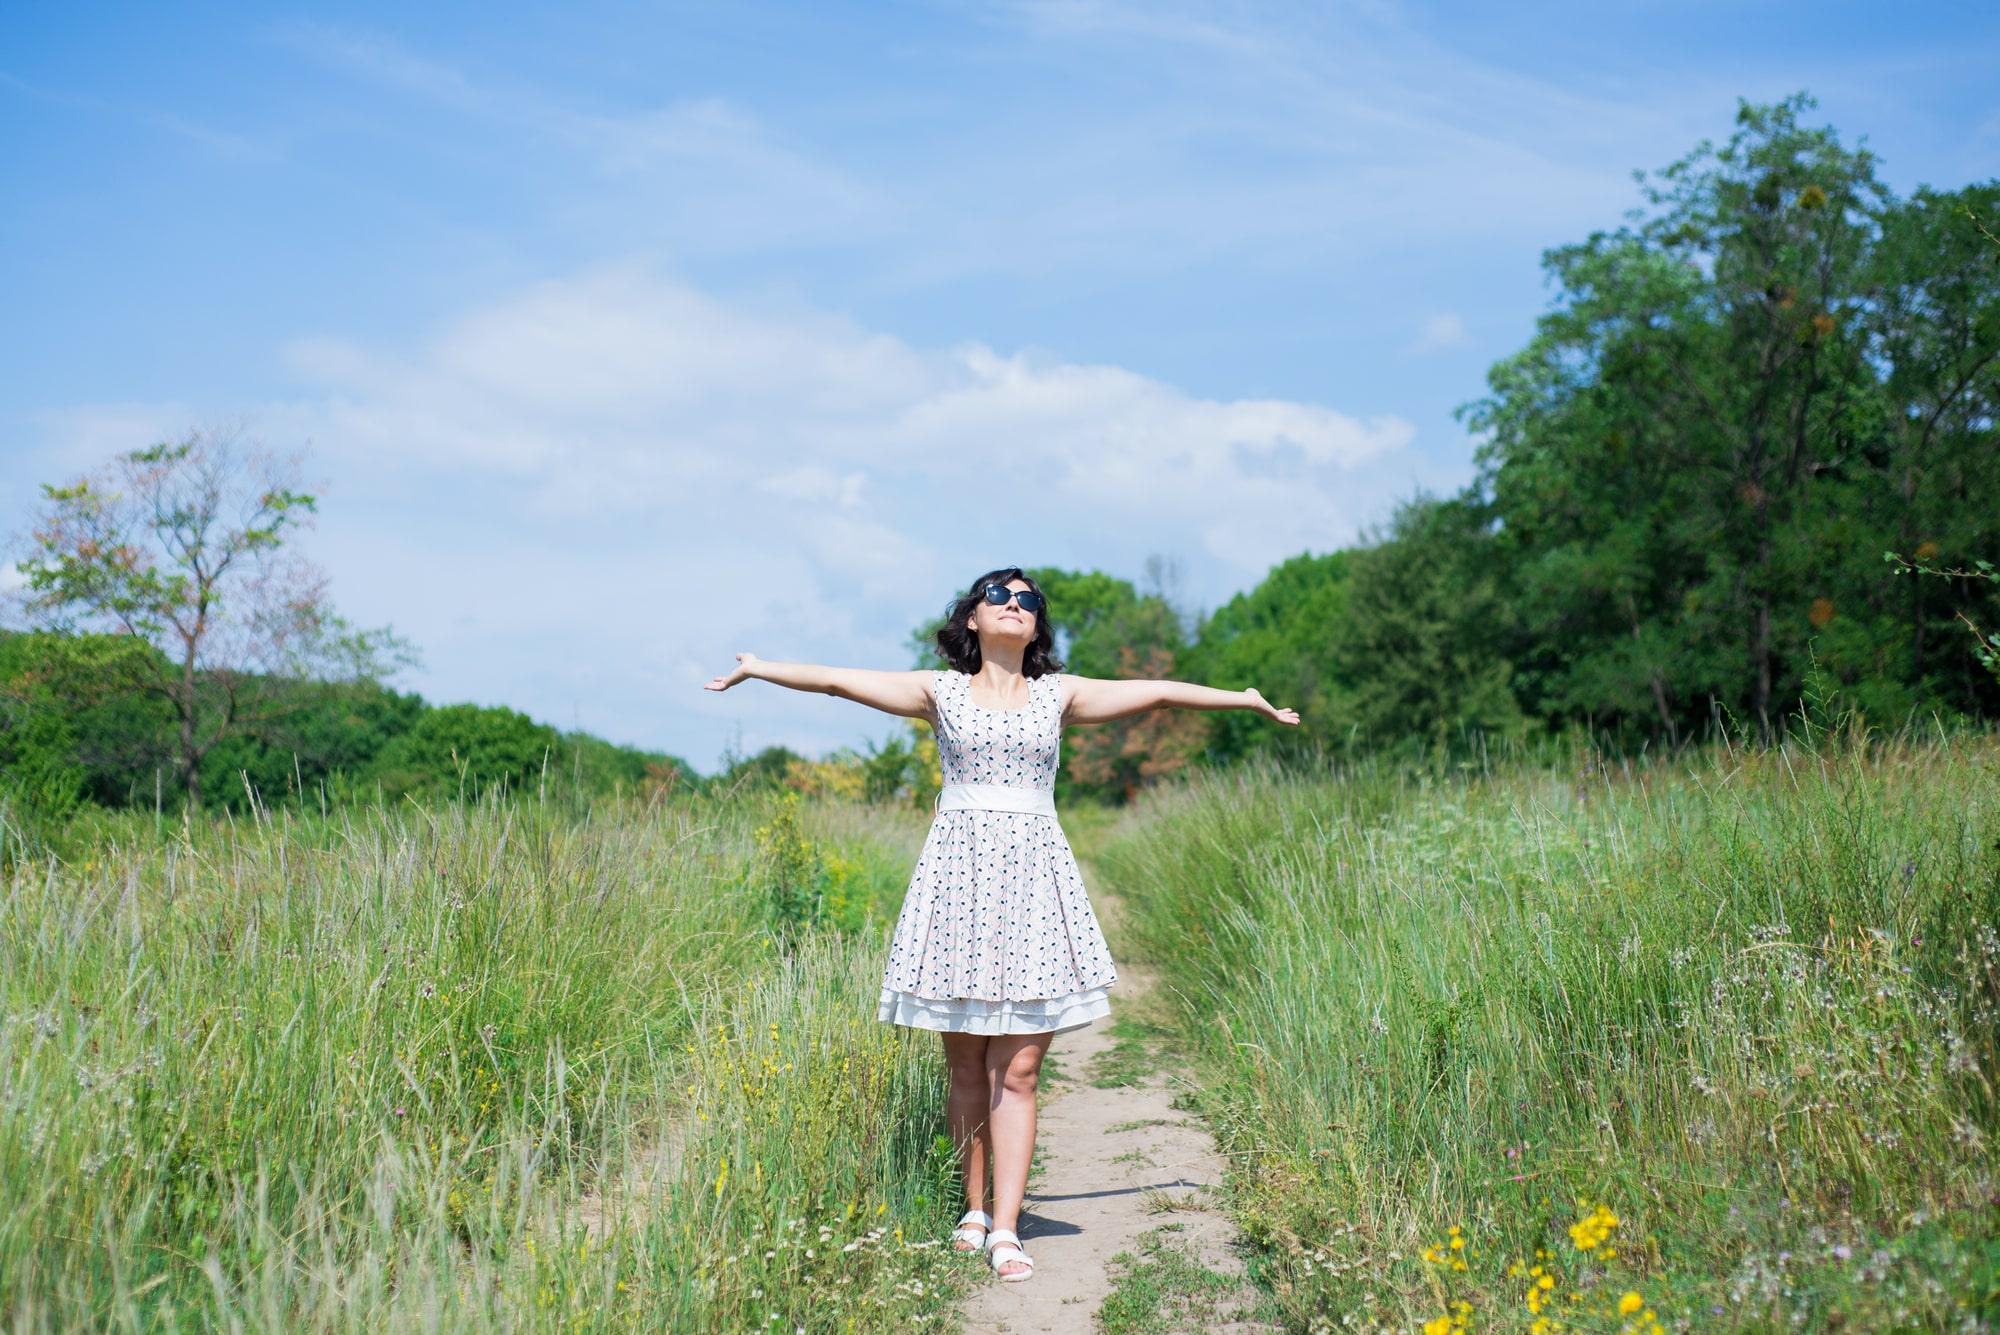 Фотосессия Love Story в травяном поле - Фотограф Женя Лайт